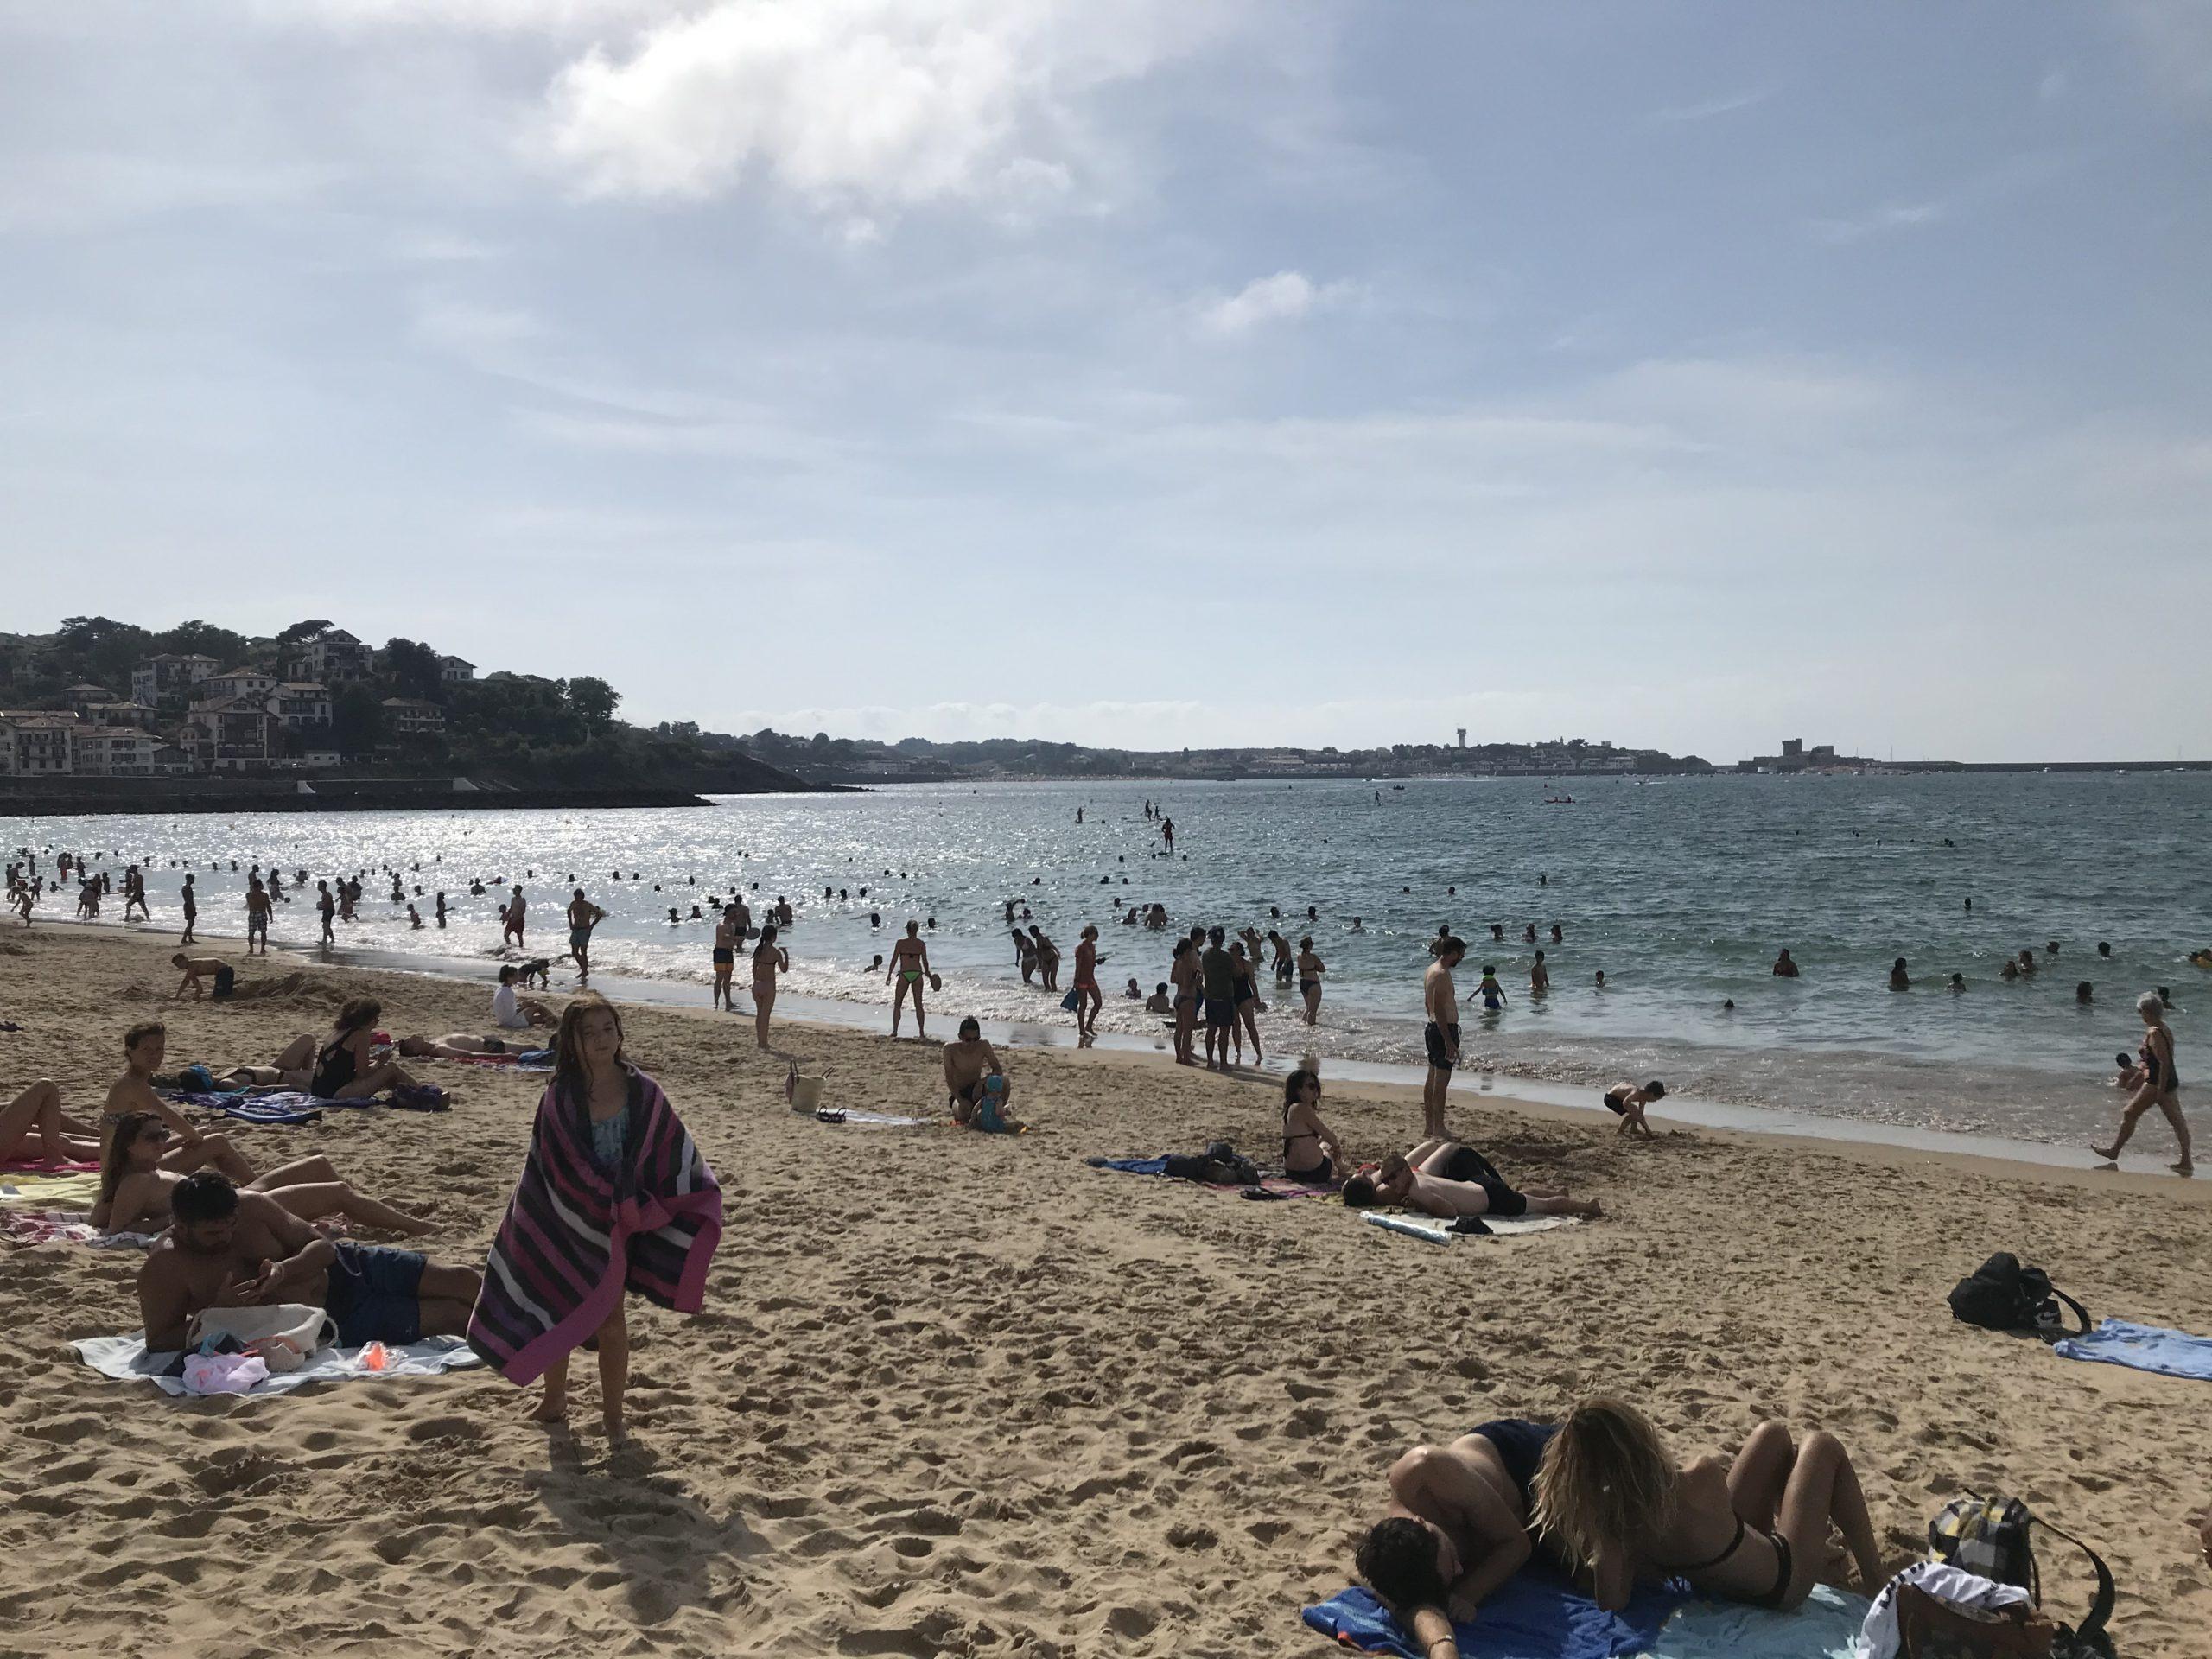 サン・ジャン・ド・リュズのビーチ